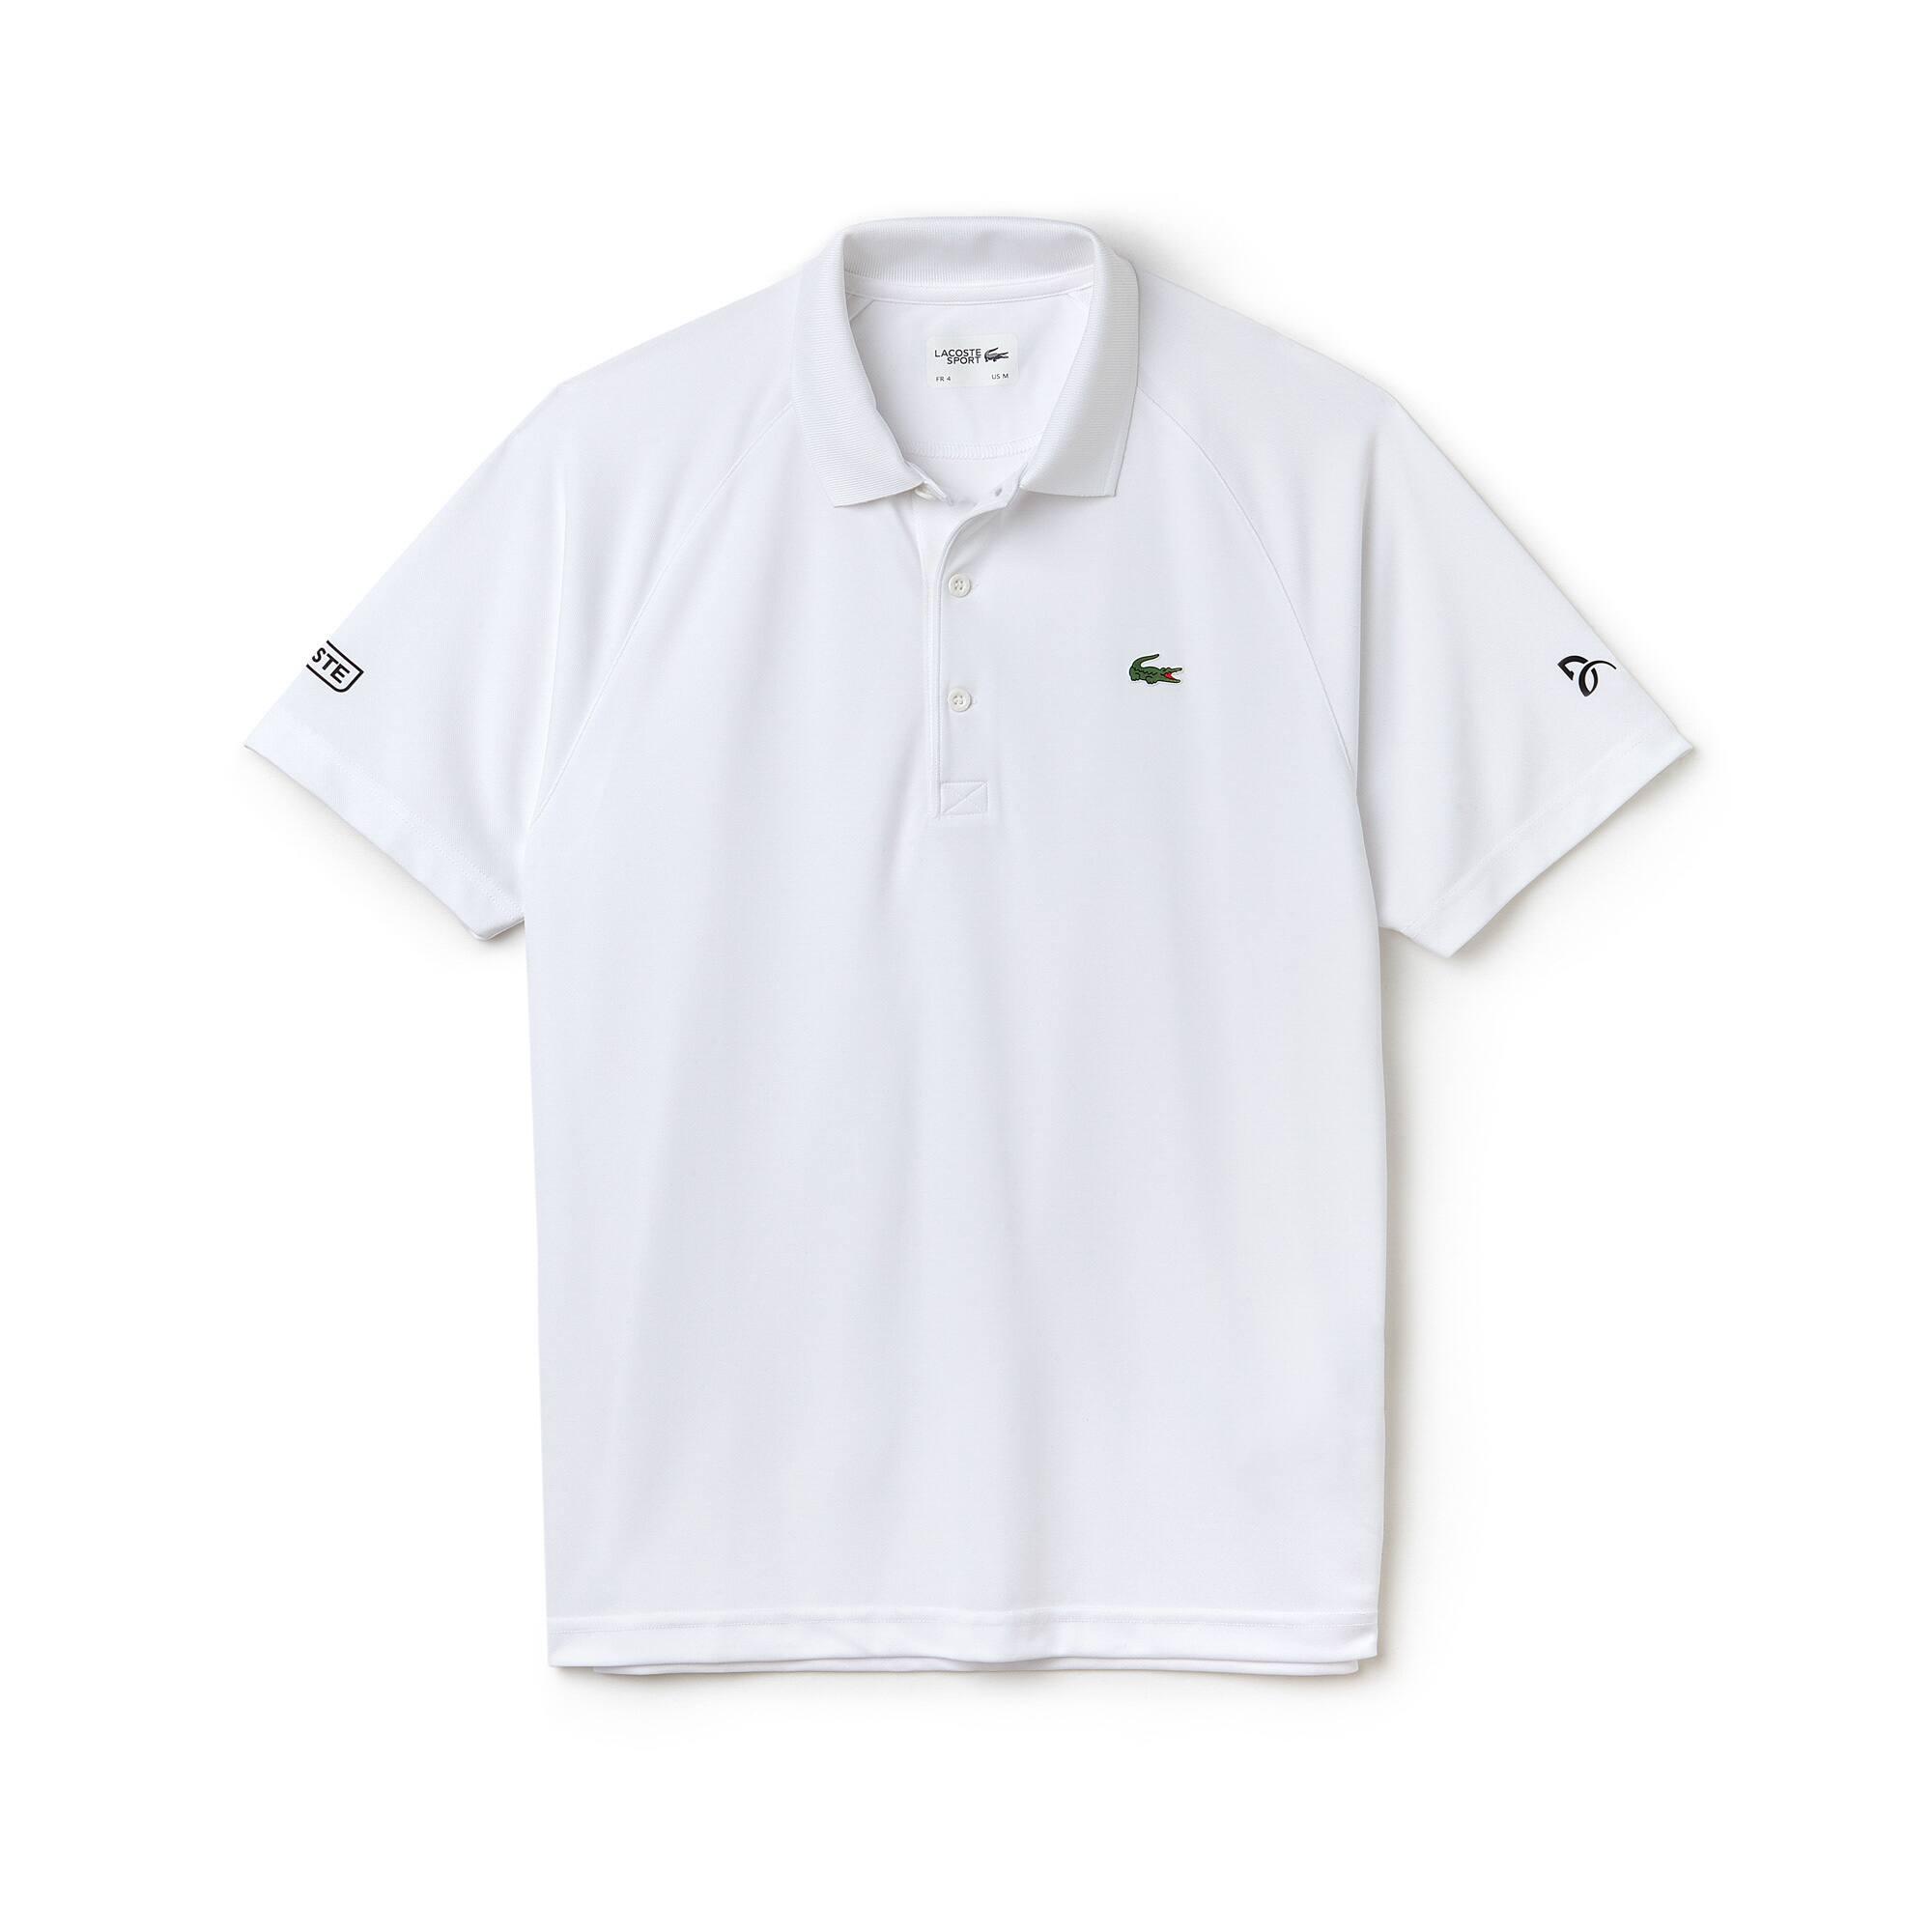 Polo Lacoste Collezione per Novak Djokovic -  Exclusive Green Edition